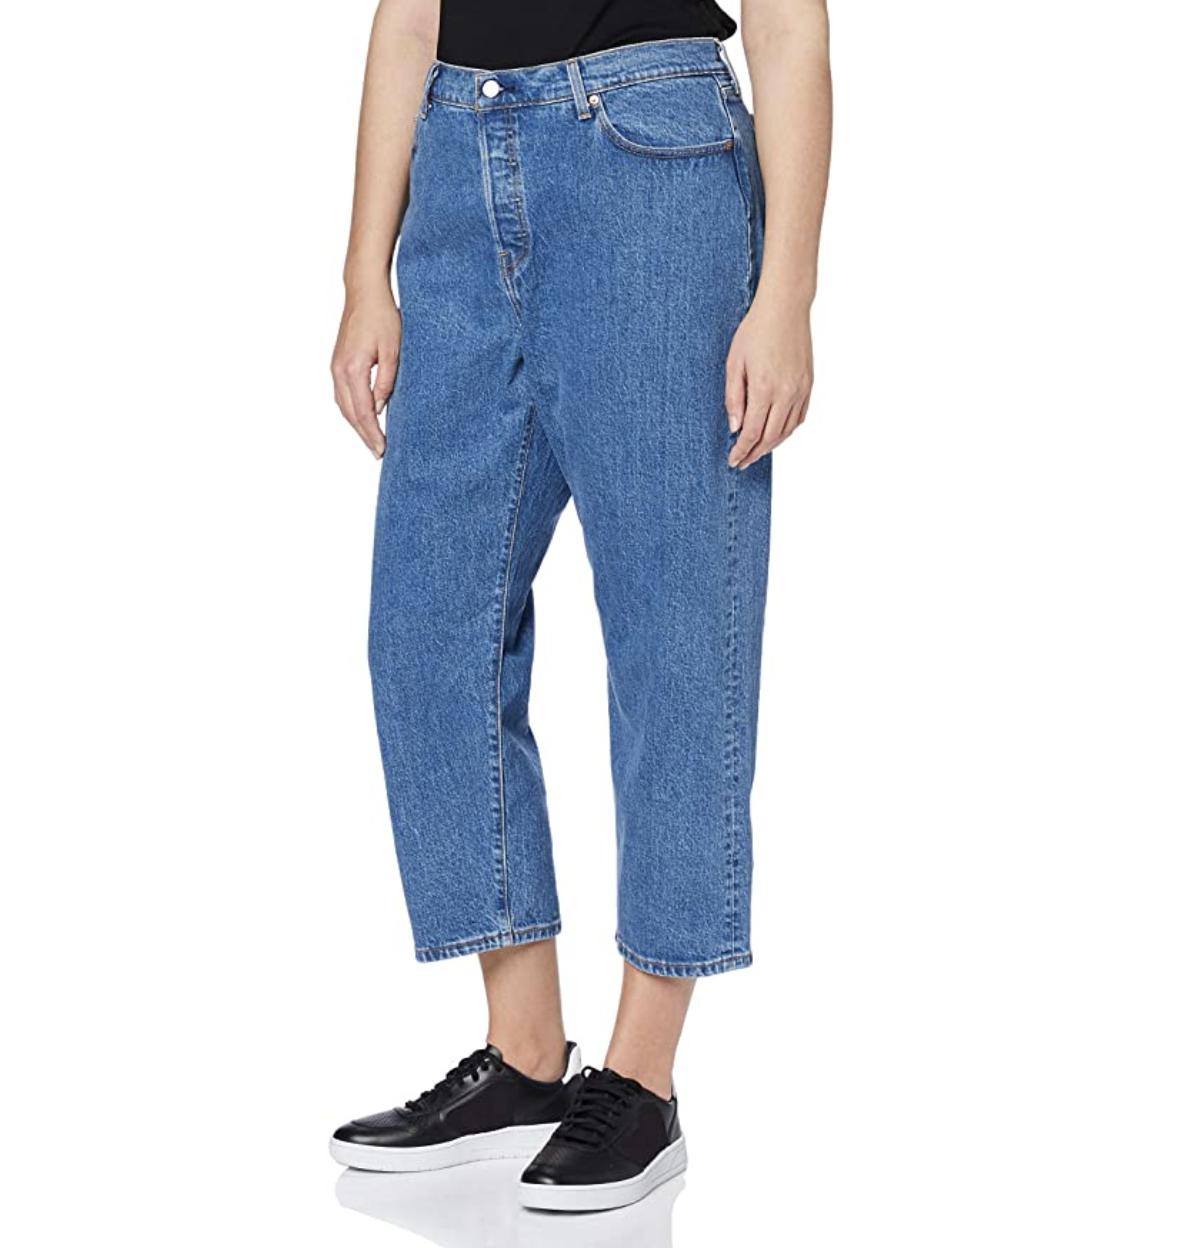 Levi's Plus Size Jeans